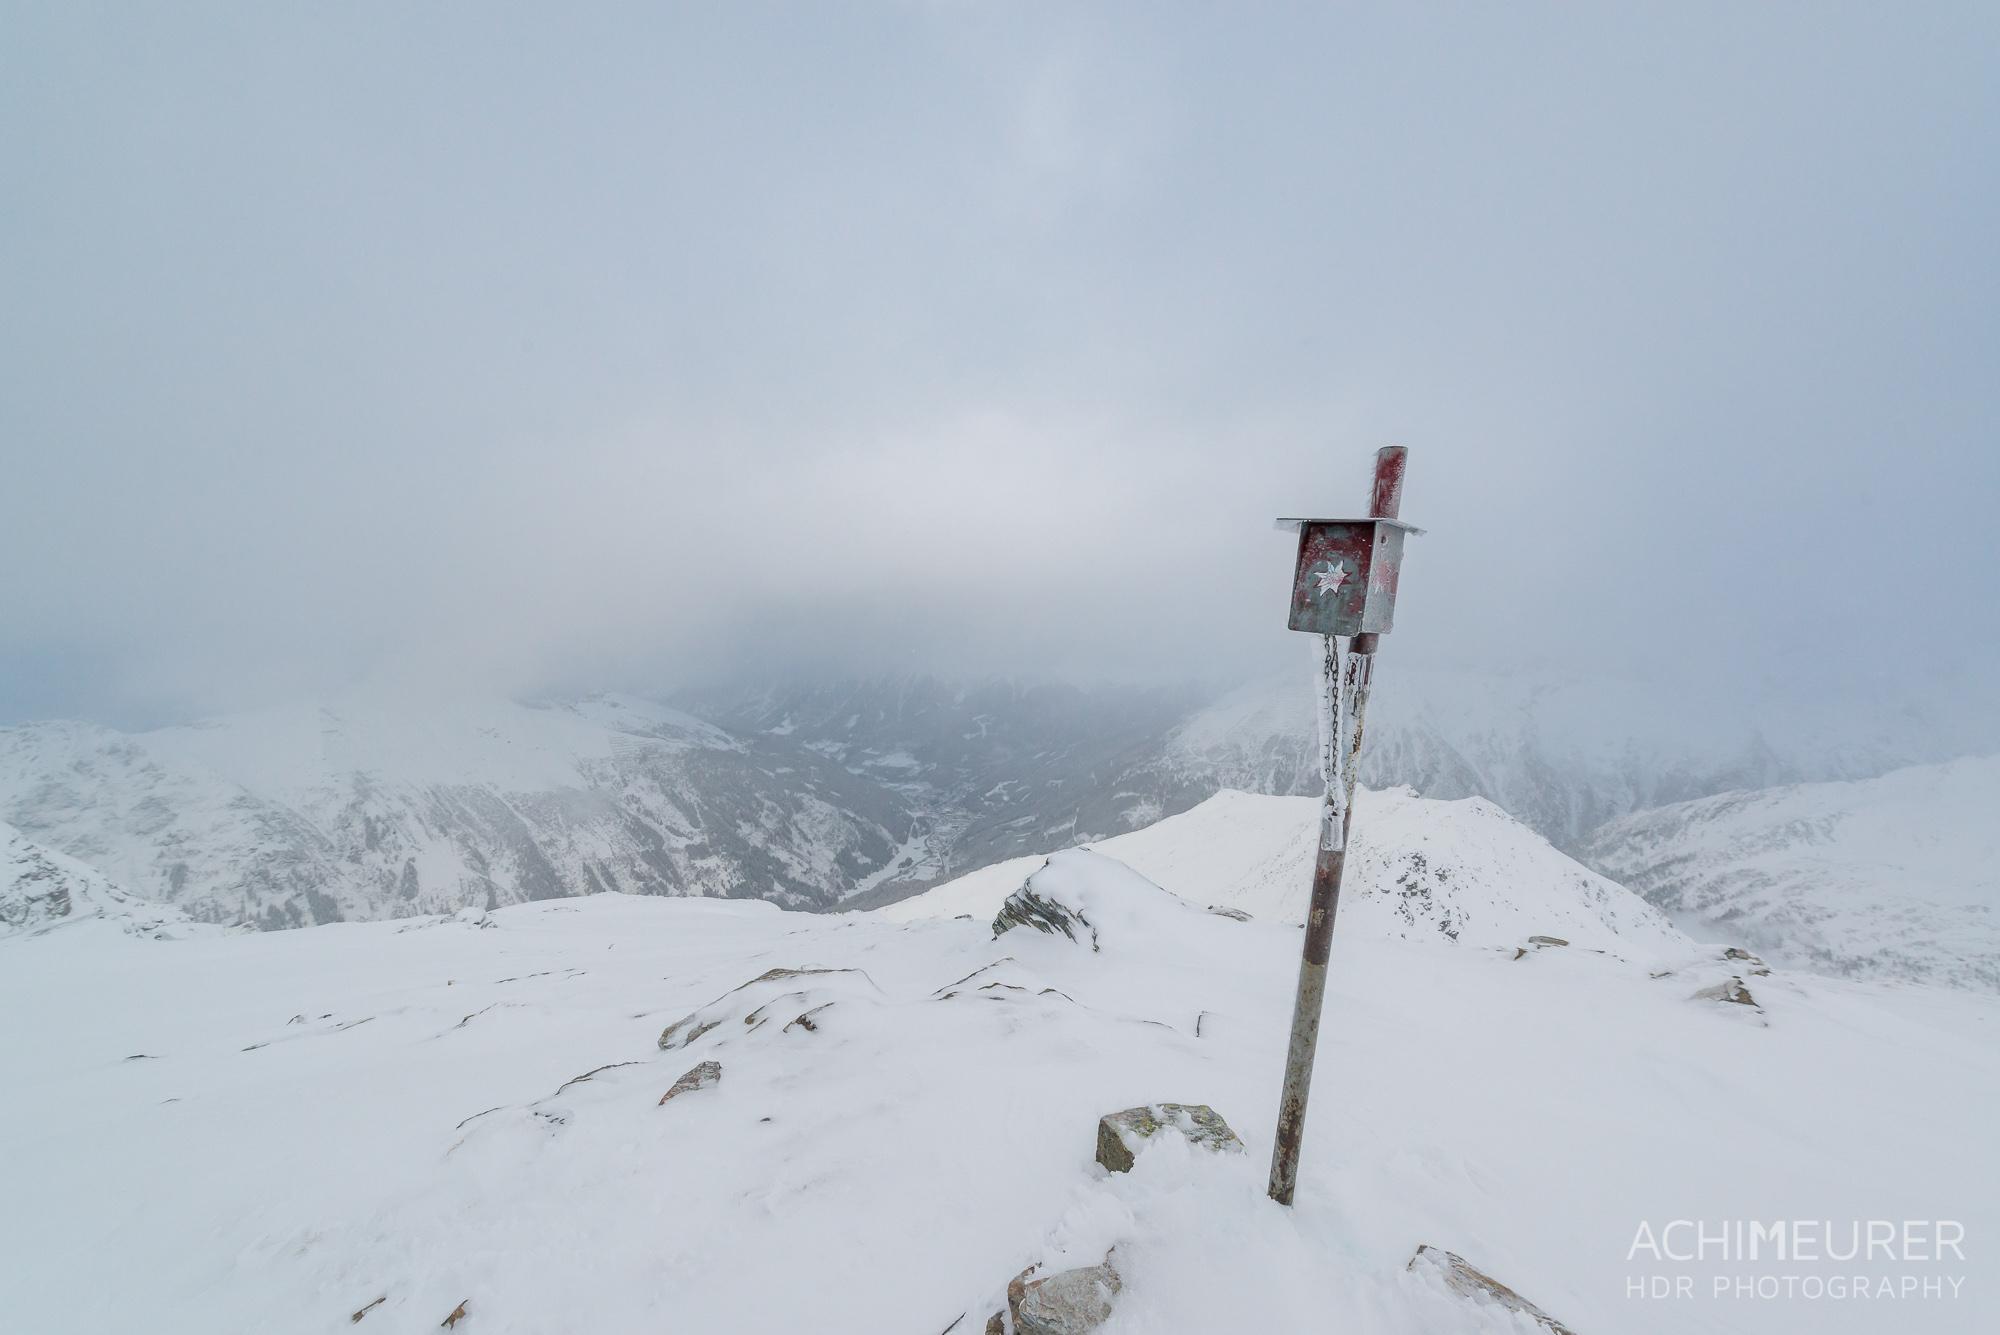 Die-schoensten-Winterfotos-Winterlandschaft-40 by Achim Meurer.